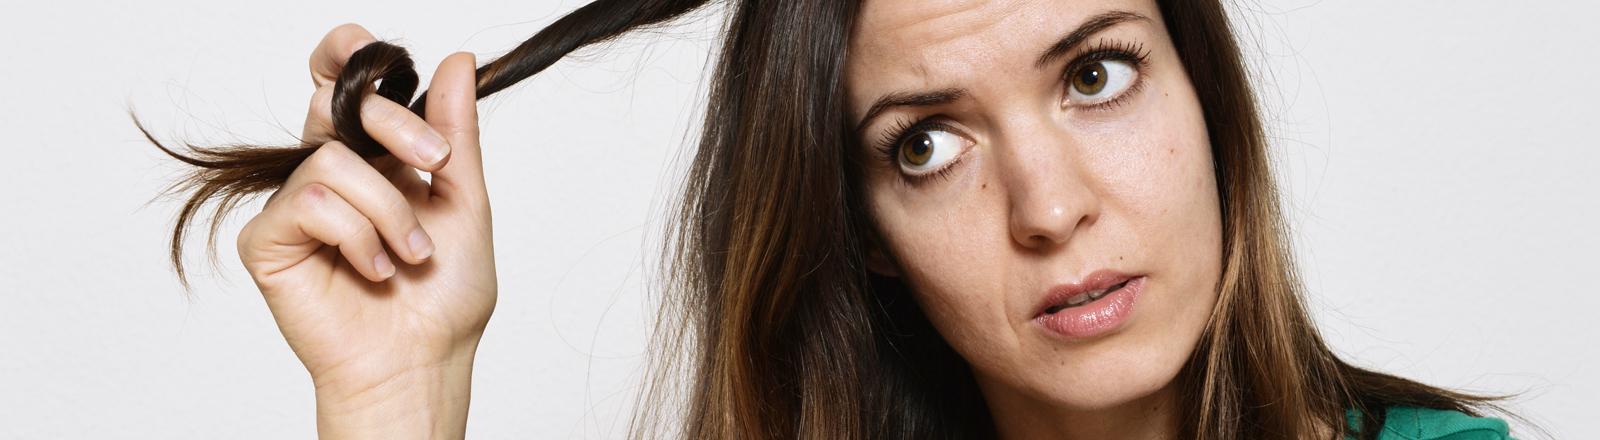 Eine Frau spielt genervt mit ihren Haaren